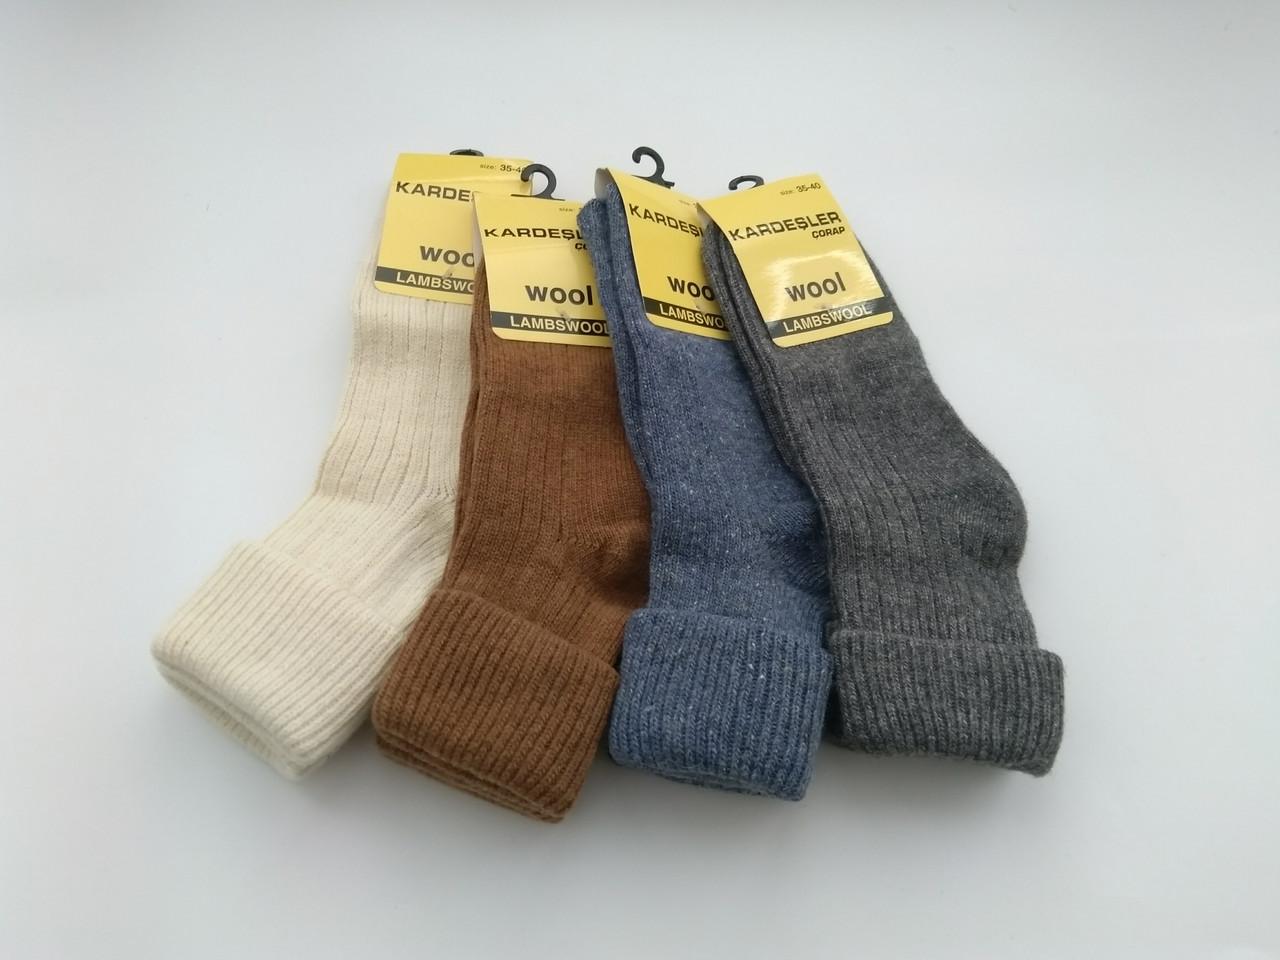 Шерстяные носки Kardesler с отворотами